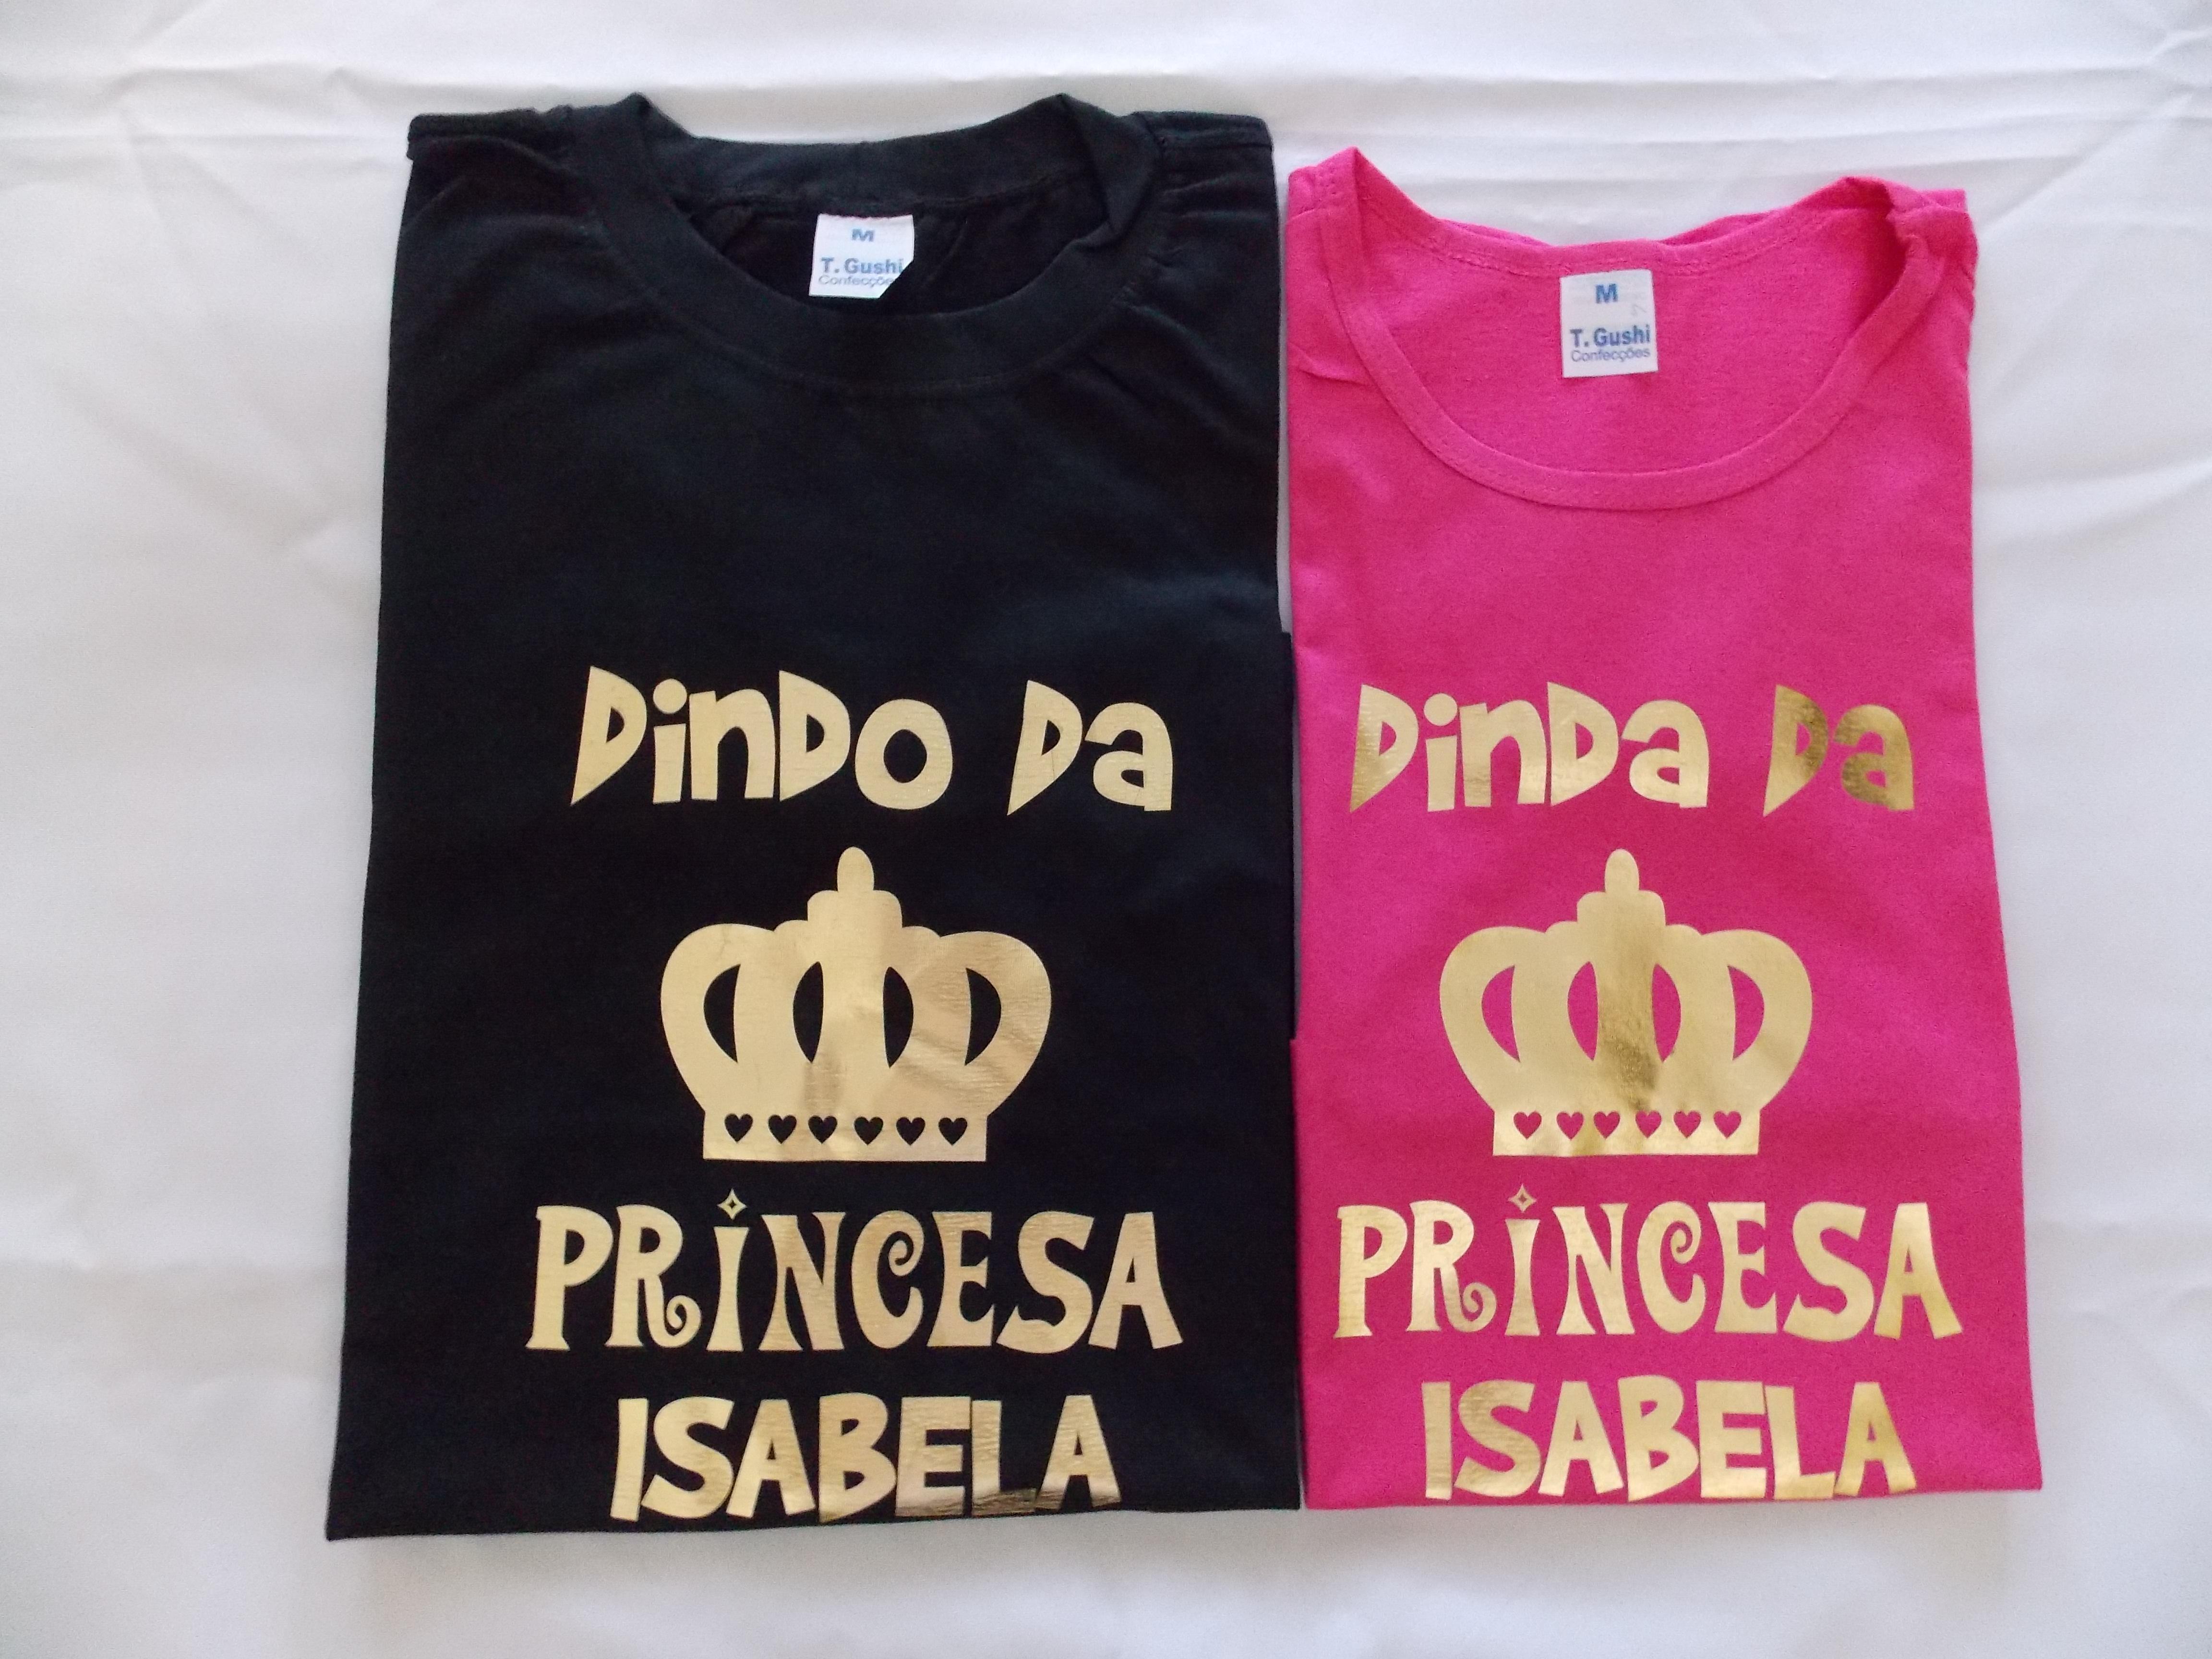 7a4928a080 Camiseta Personalizada Kit Dinda e Afilhada